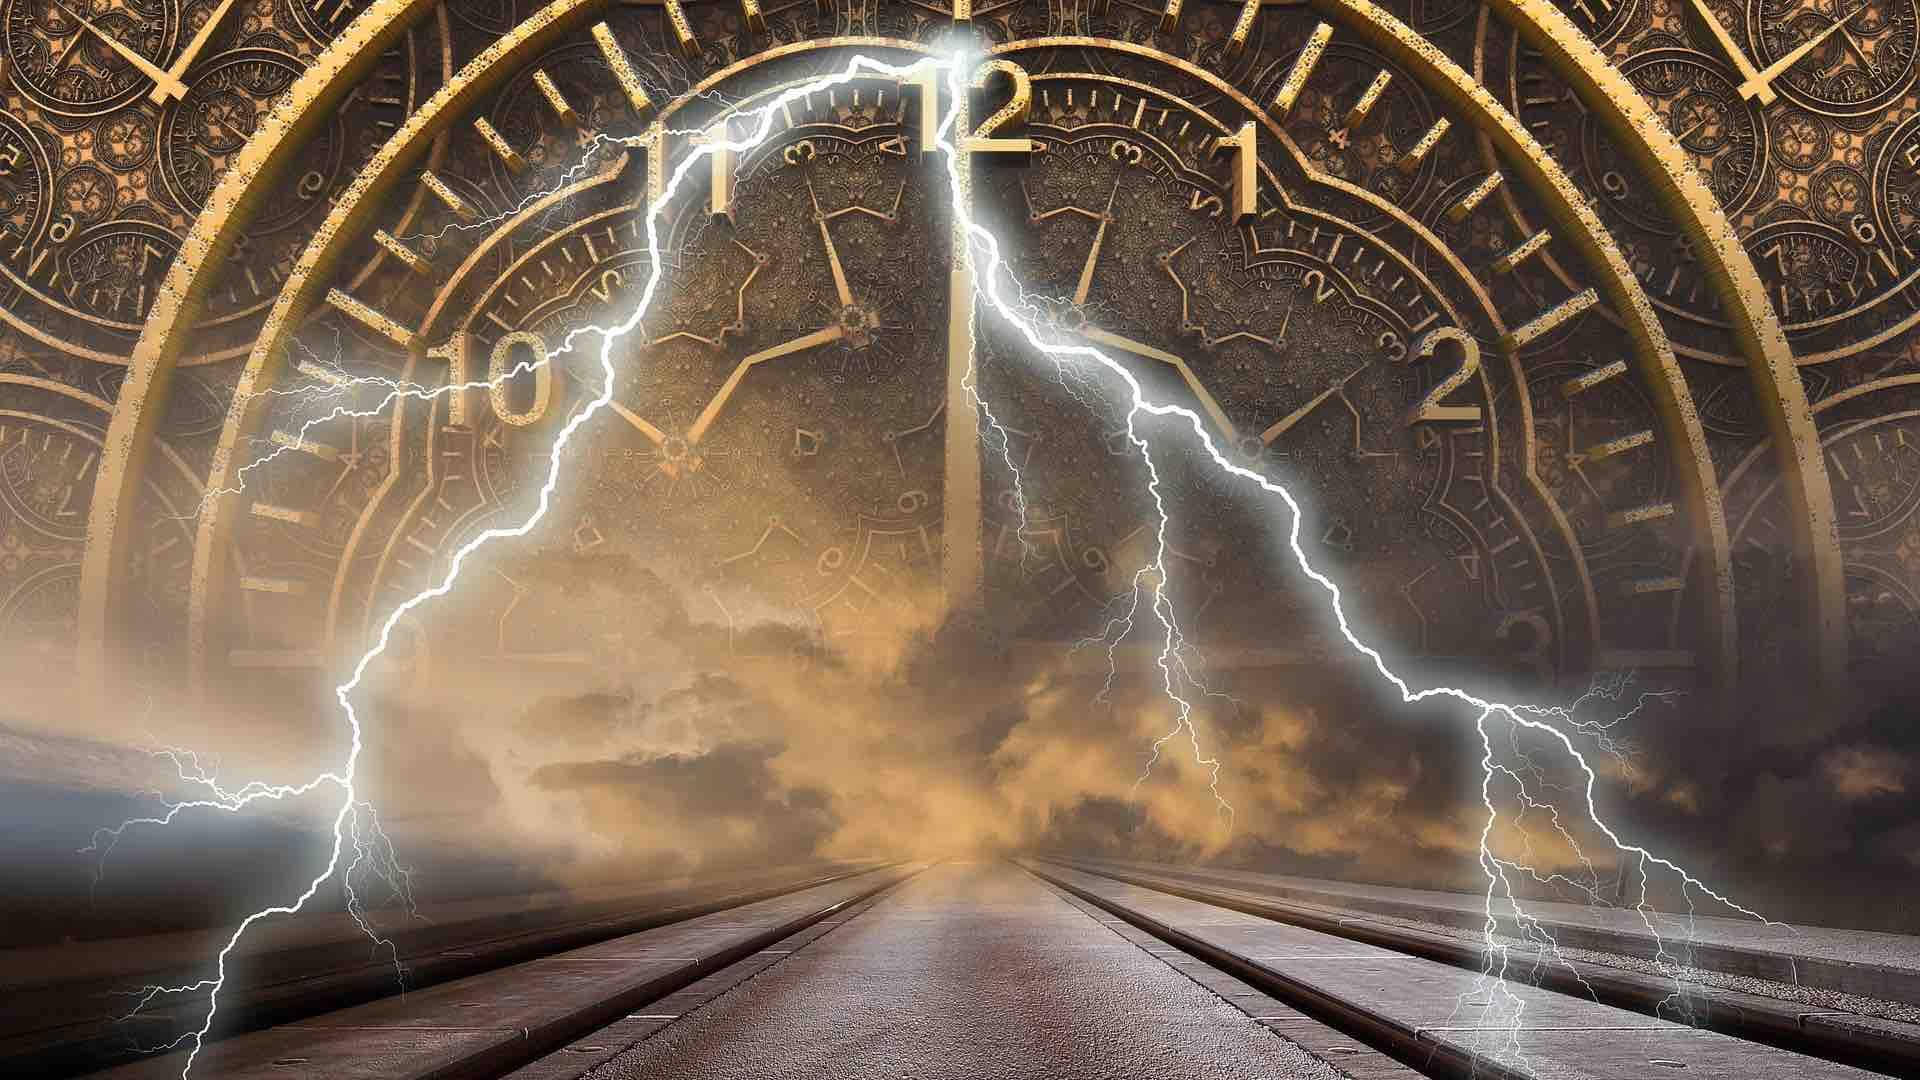 Portales numerologicos anuales - Mito, creencia o realidad